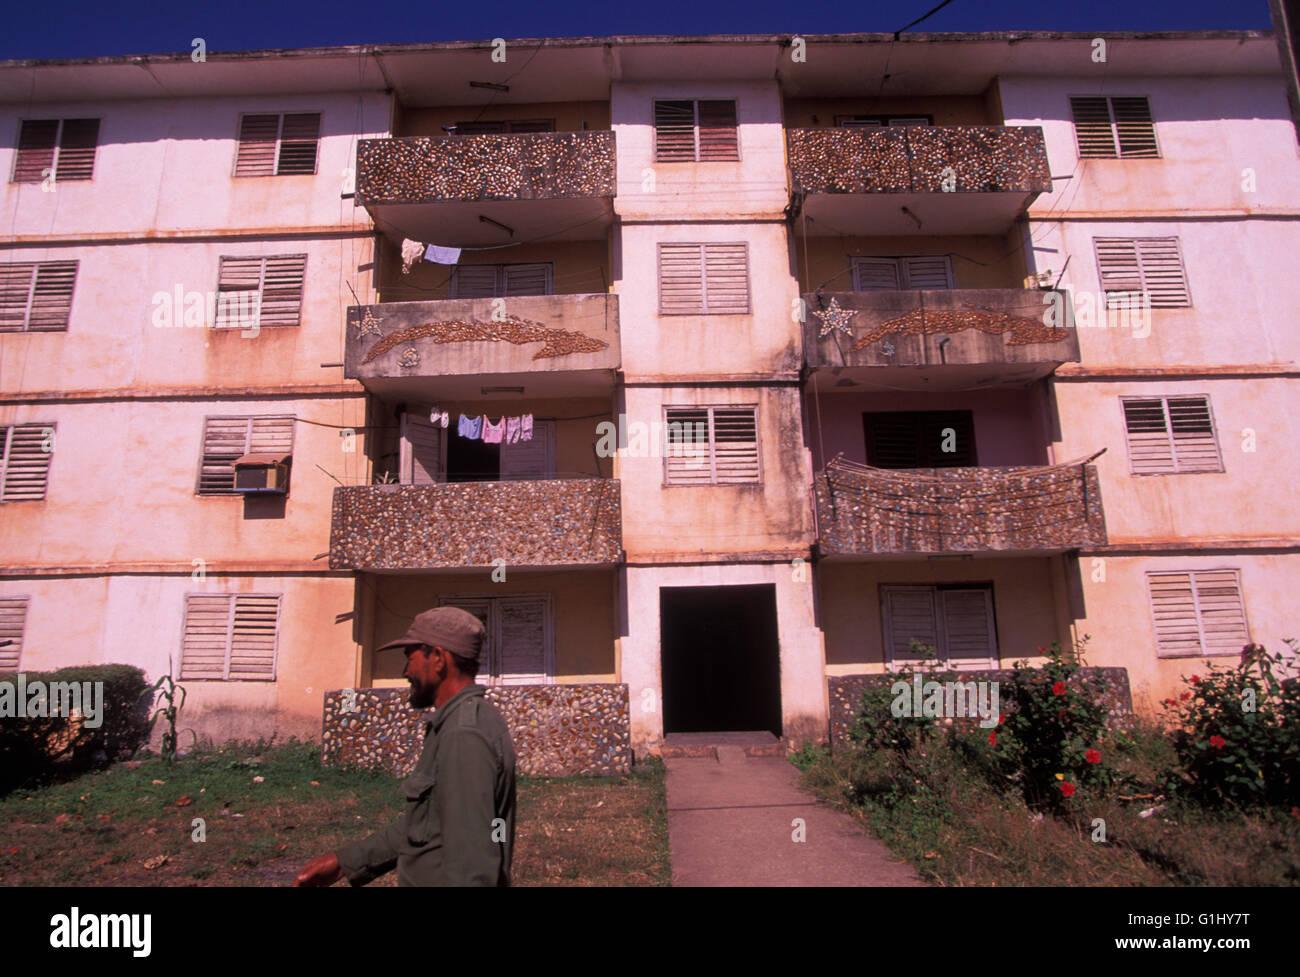 Basso costo alloggiamento economici appartamento edificio sulla Isla de la Juventud off costa continentale di Cuba Immagini Stock